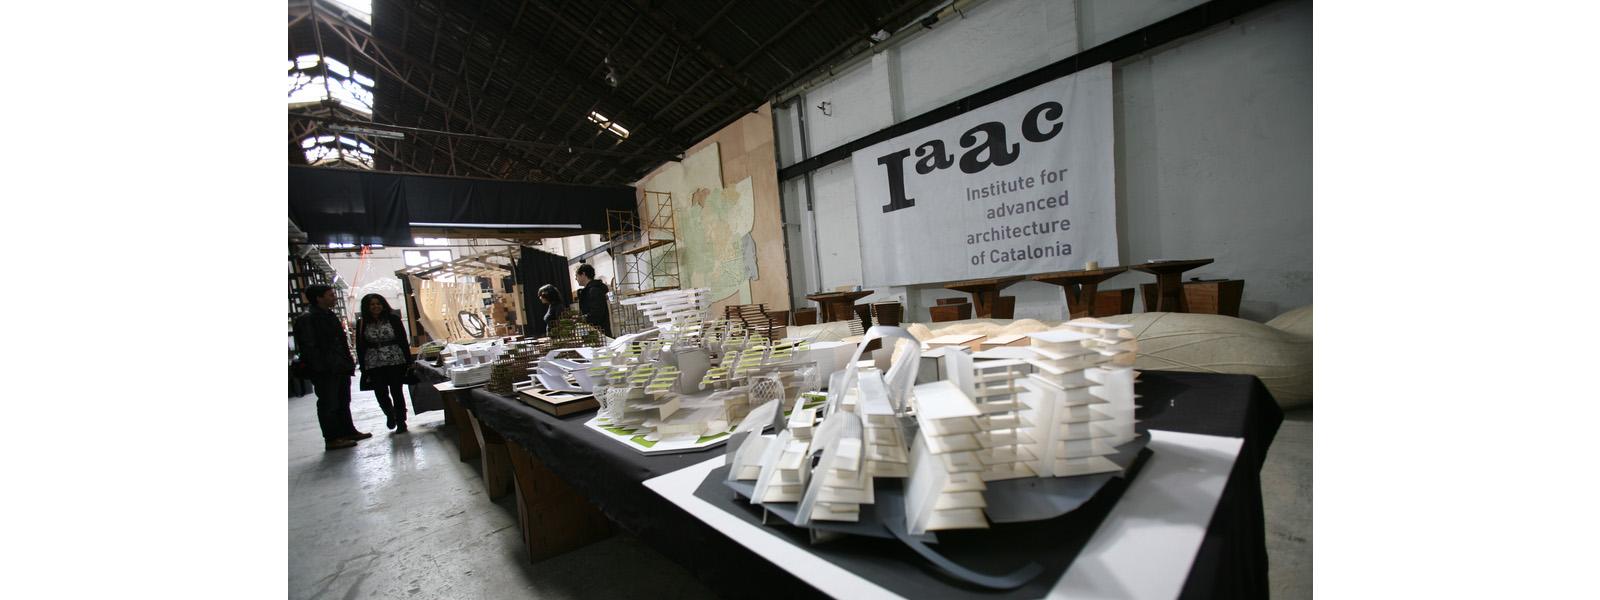 C IAAC